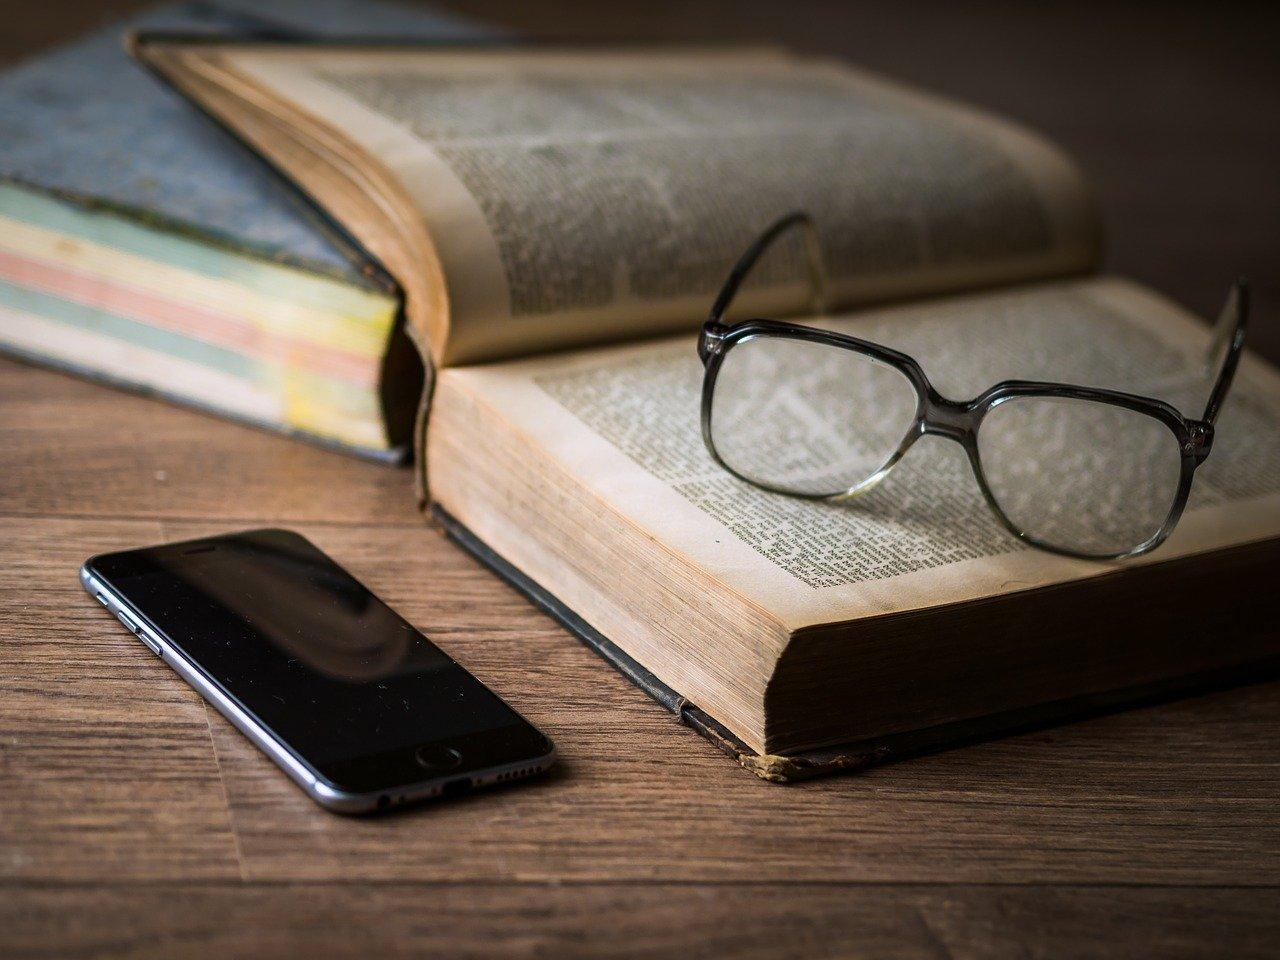 開いた本に置かれたメガネとスマホ